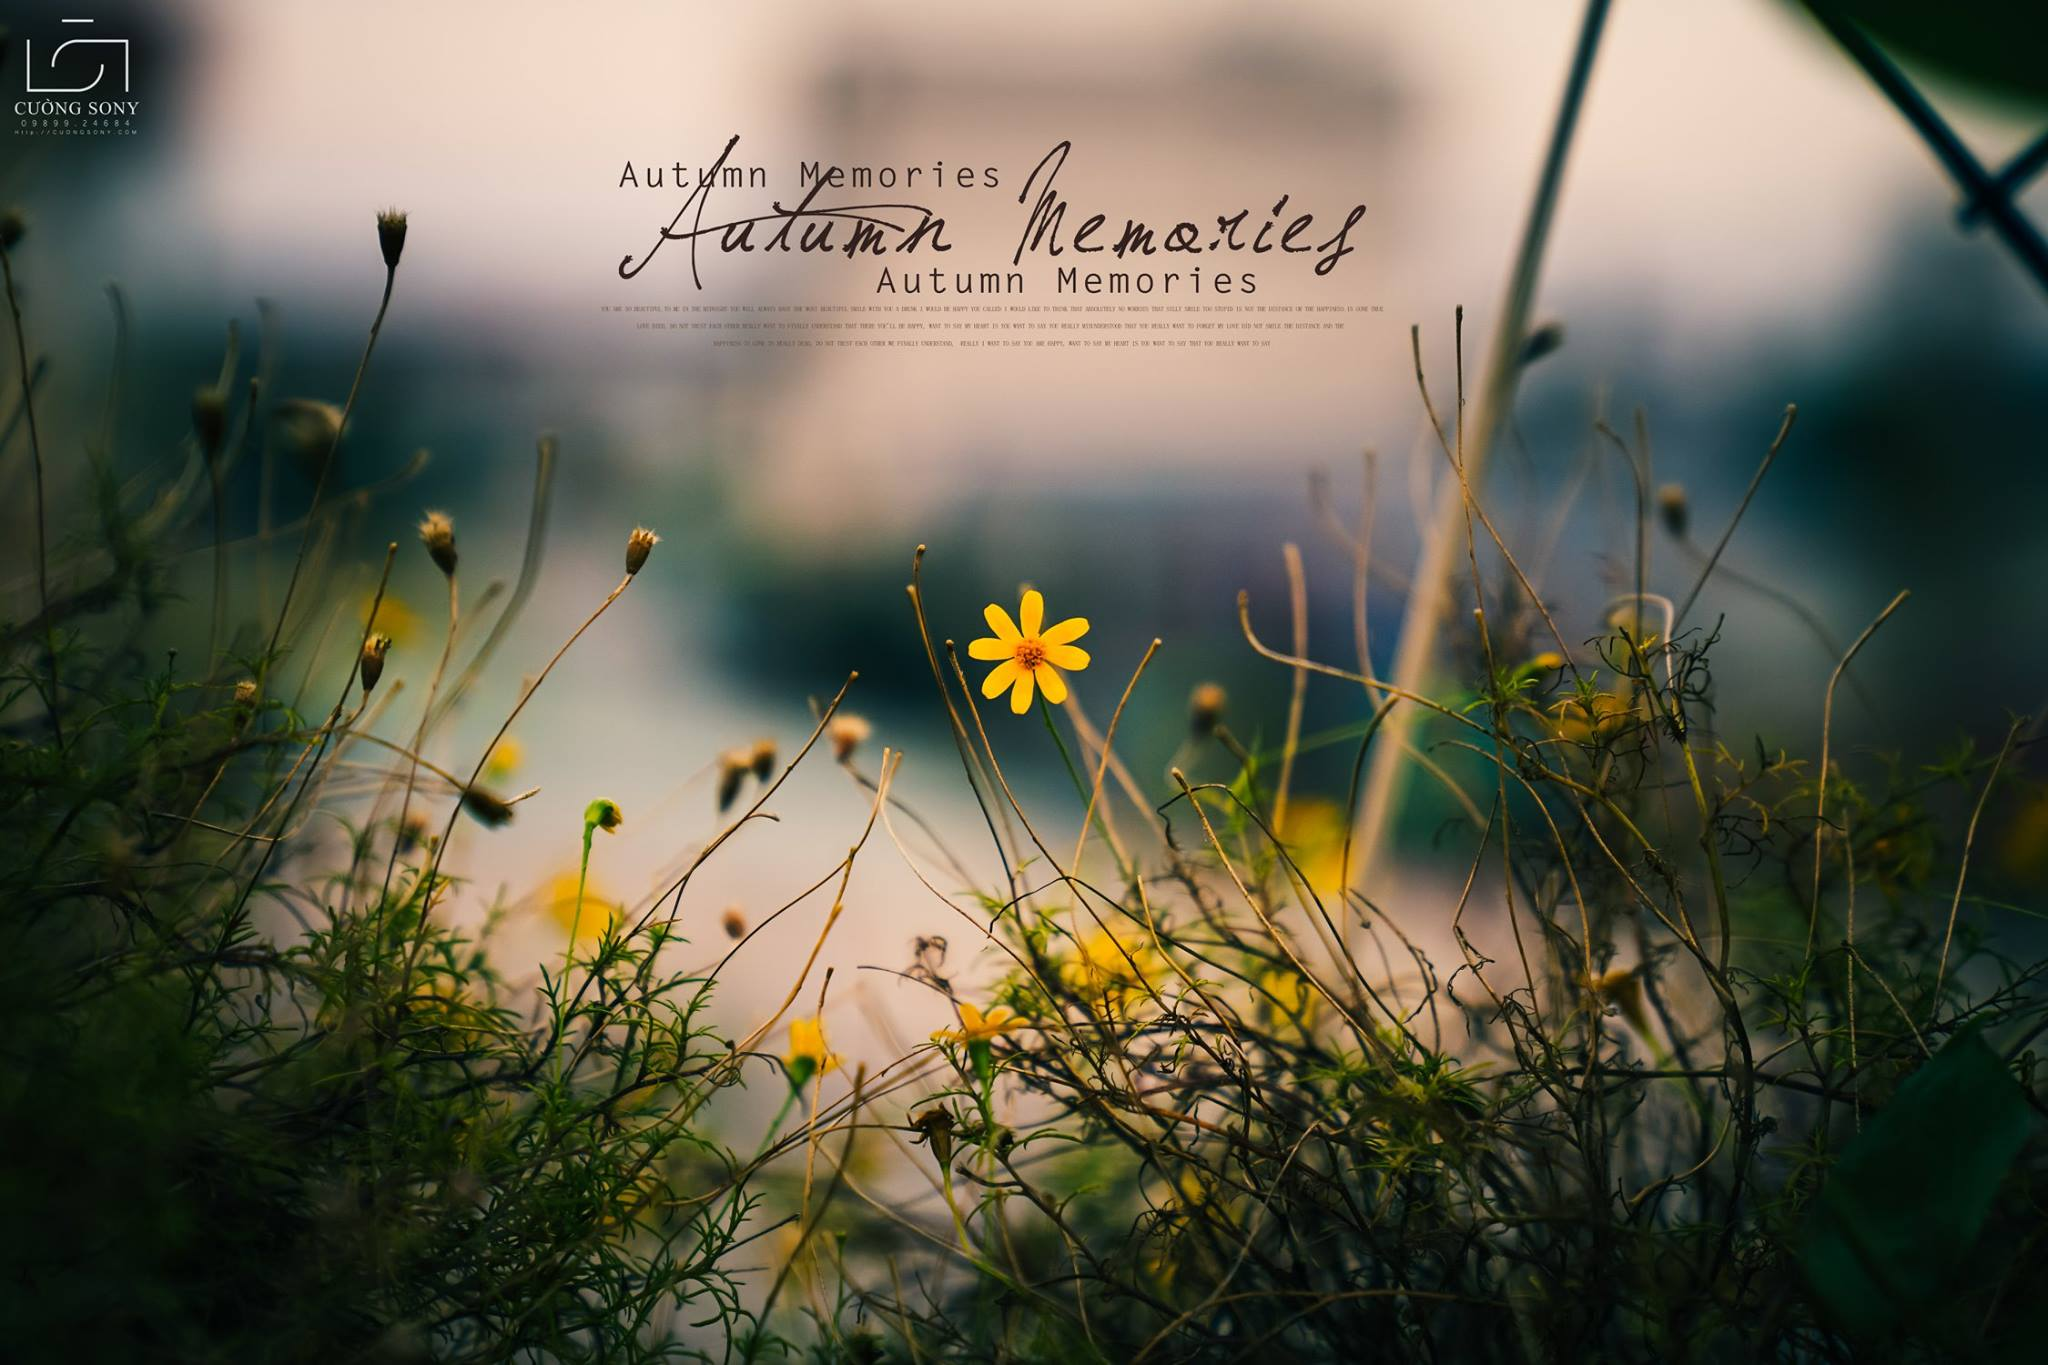 Đám hoa dại trở nên dịu dàng và nên thơ